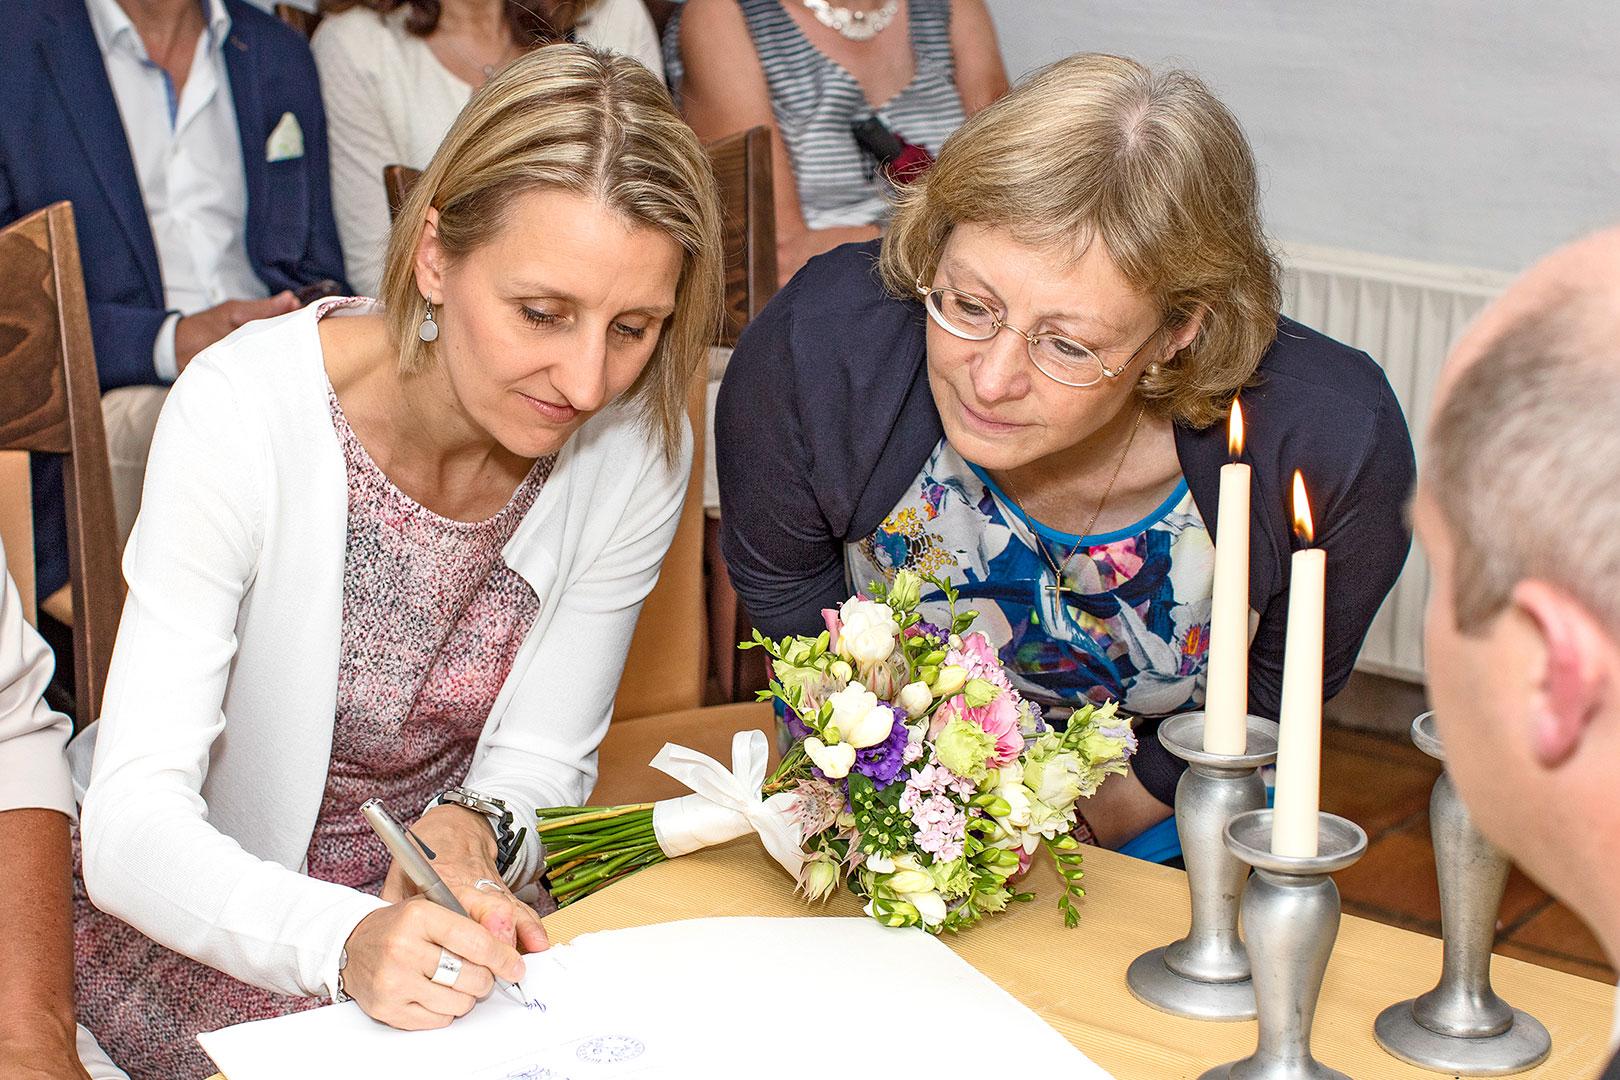 Hochzeitsfotografie: Hochzeitsvorbereitung: Trauzeuginnen bei der Beurkundung | Foto: Dieter Eikenberg, imprints